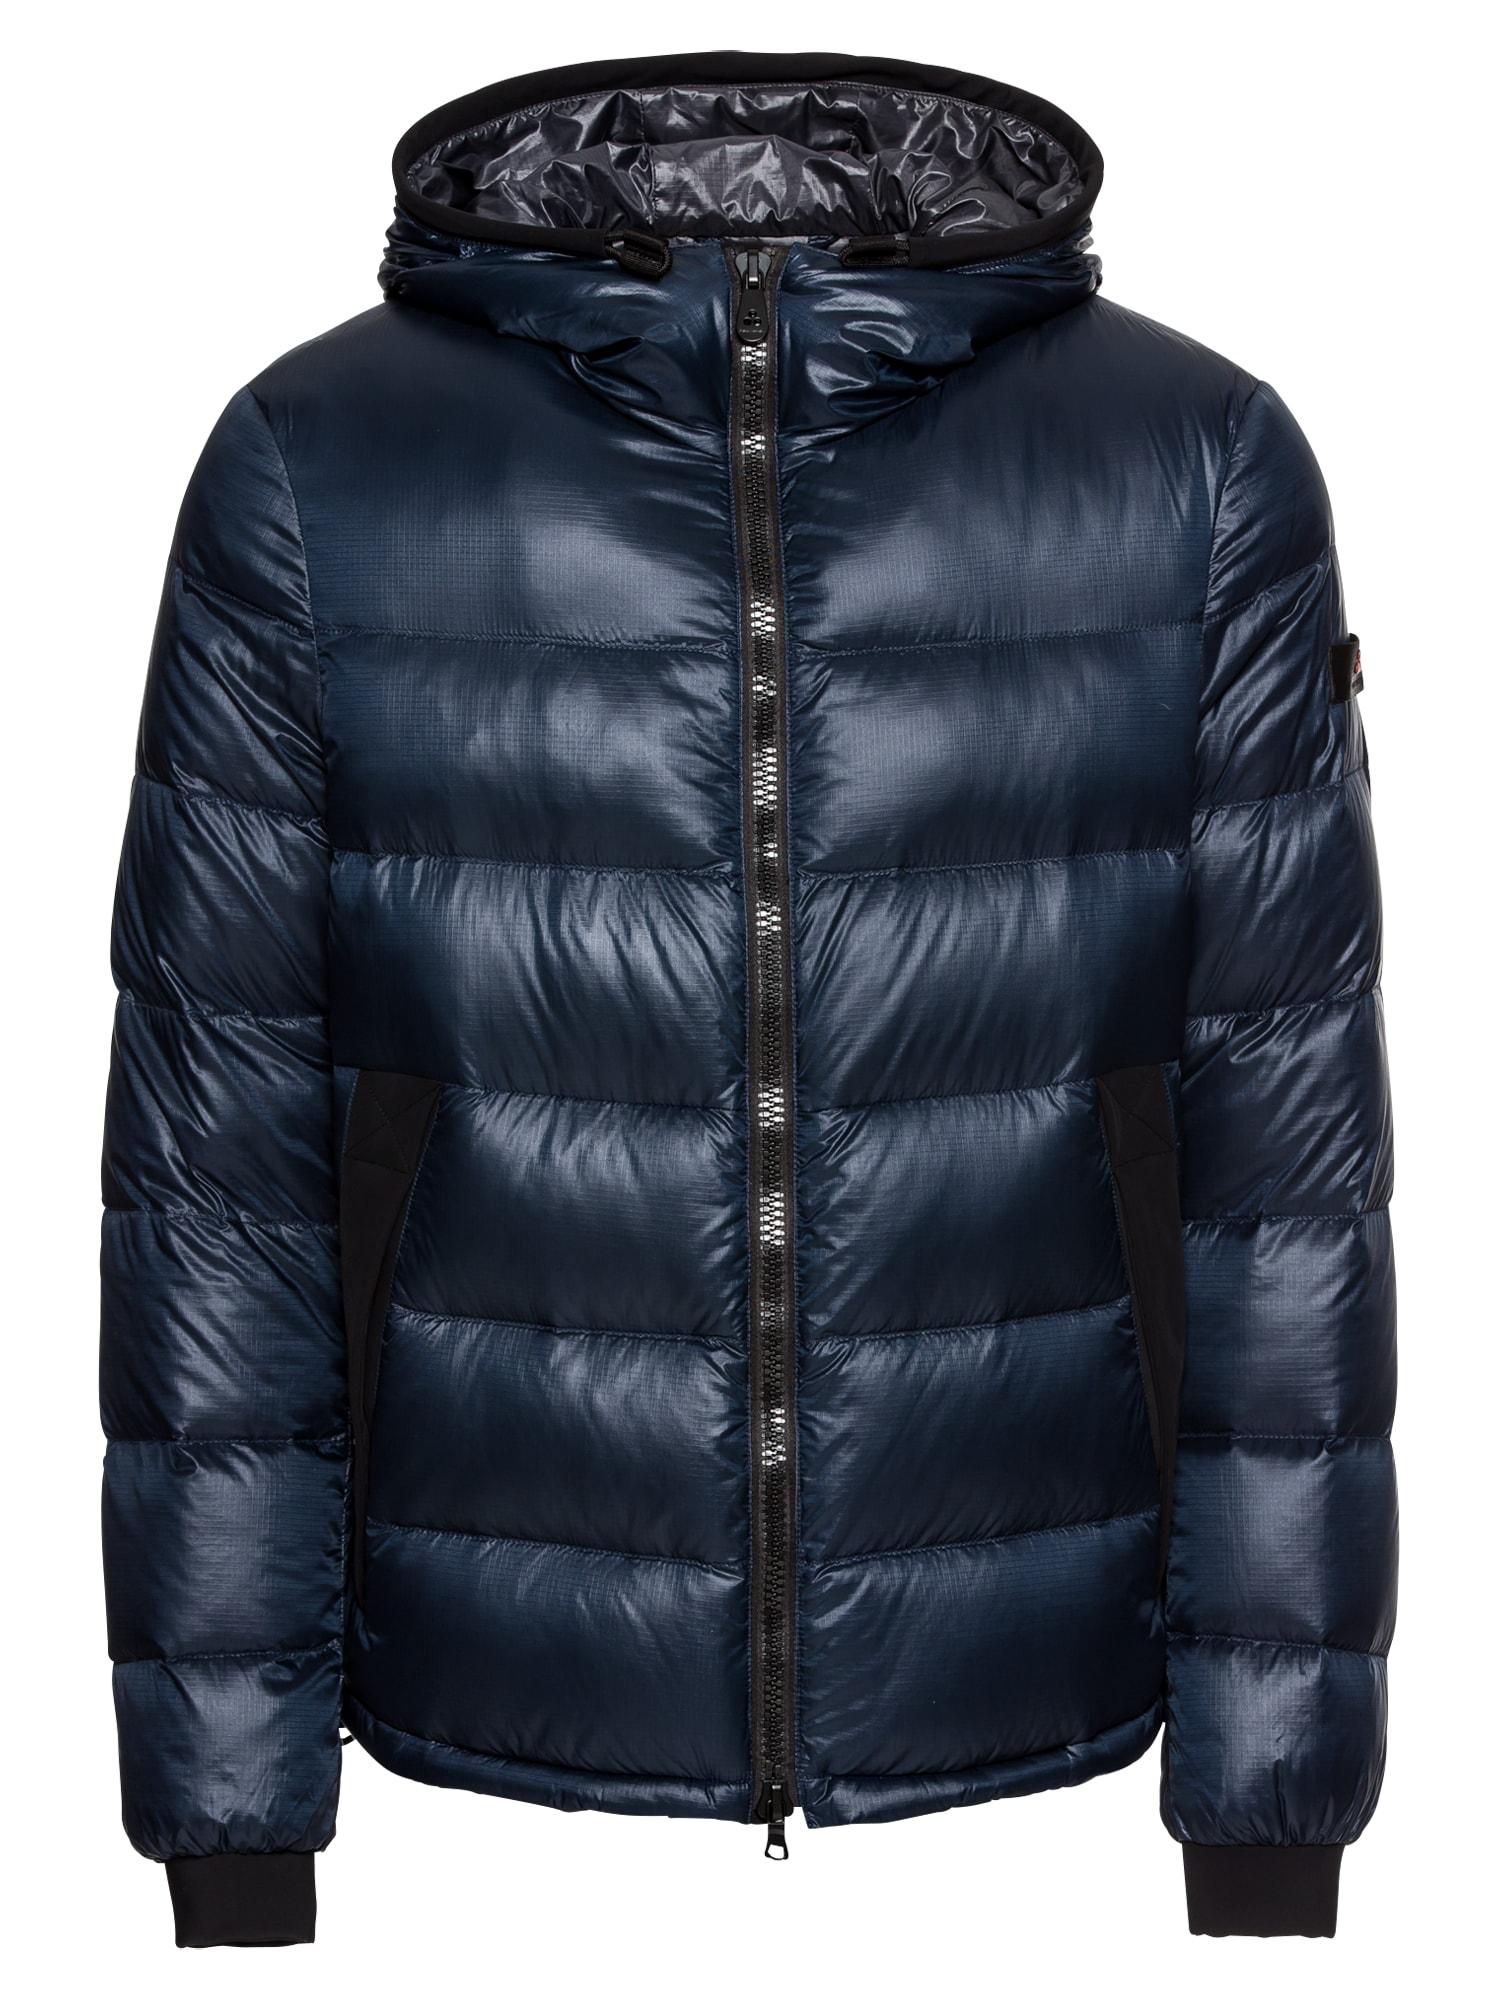 Zimní bunda HONOVA  námořnická modř  bílá Peuterey